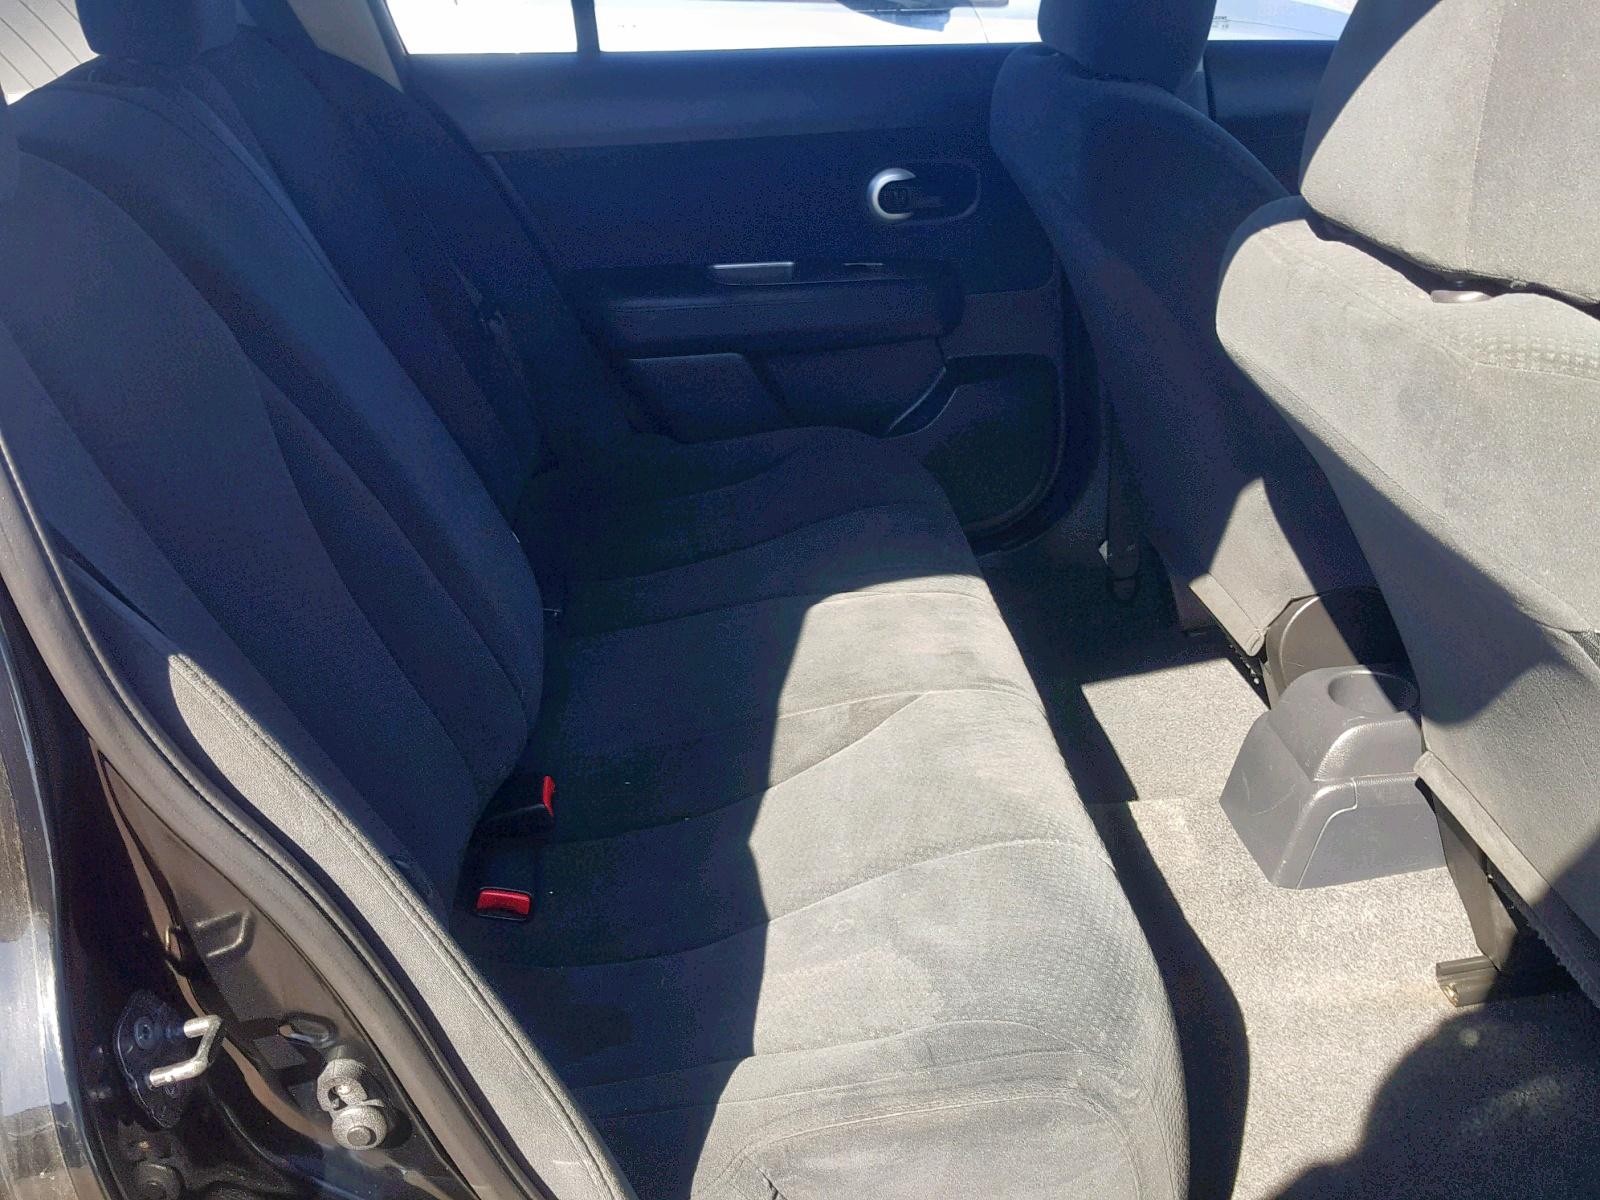 3N1BC1CP5BL493407 - 2011 Nissan Versa S 1.8L detail view